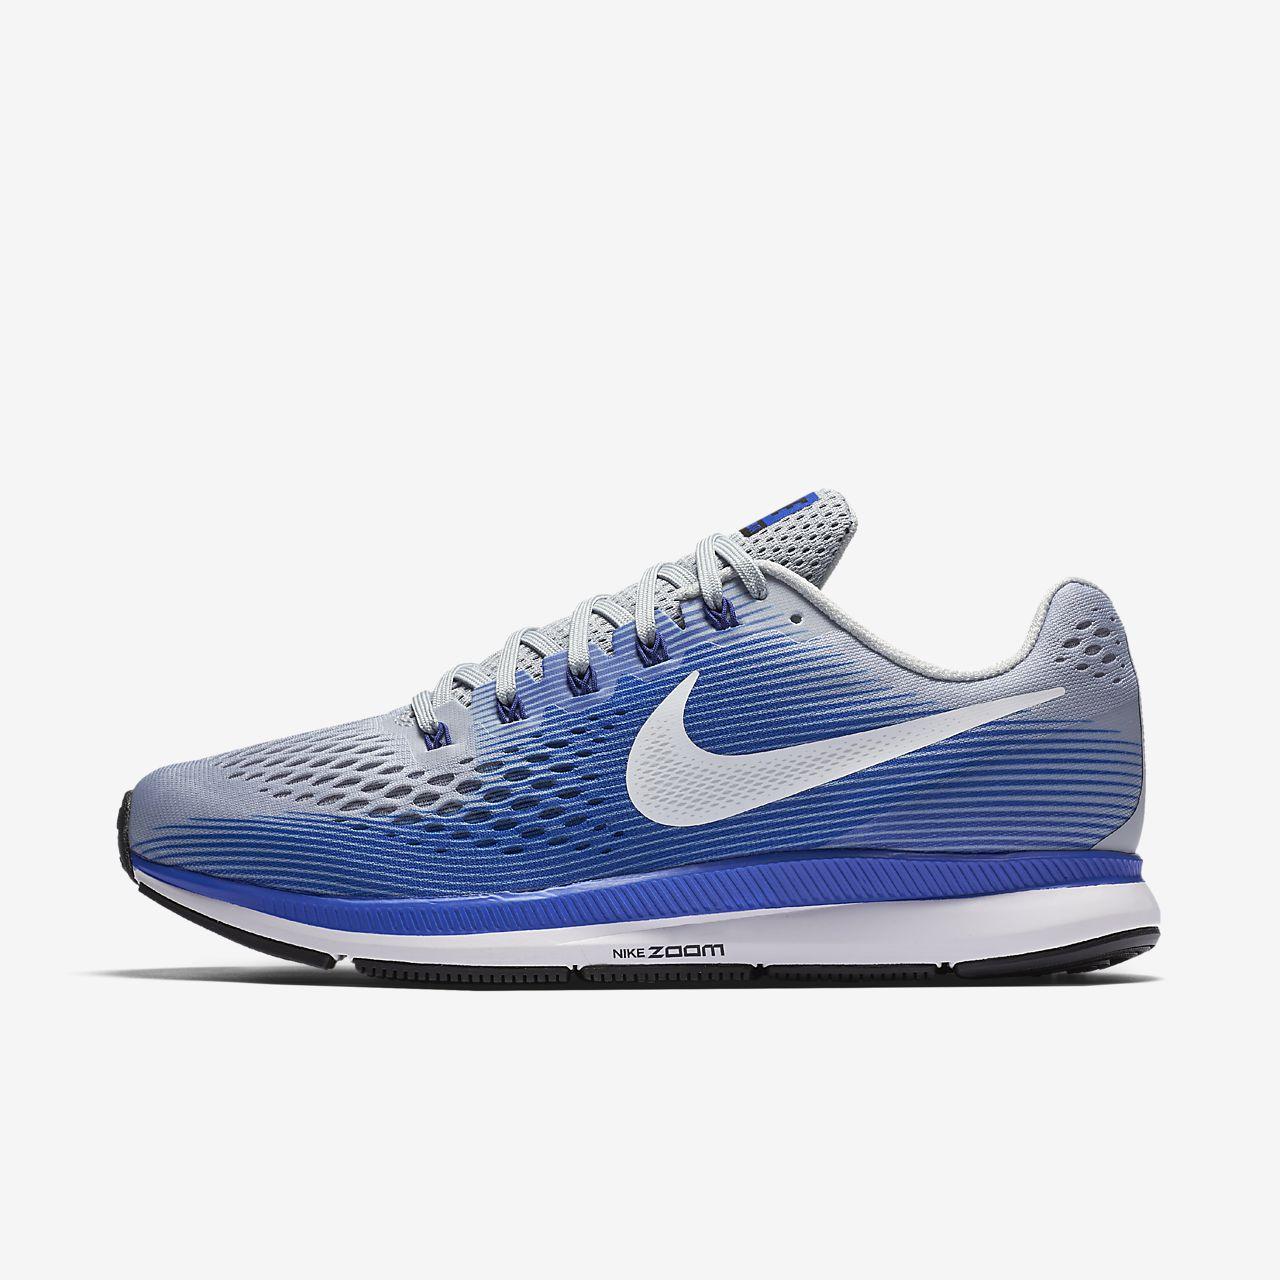 Nike Vomero Zoom Air Extra Large Amazon de sortie pas cher populaire vente vraiment pré commande rabais 6biwFl